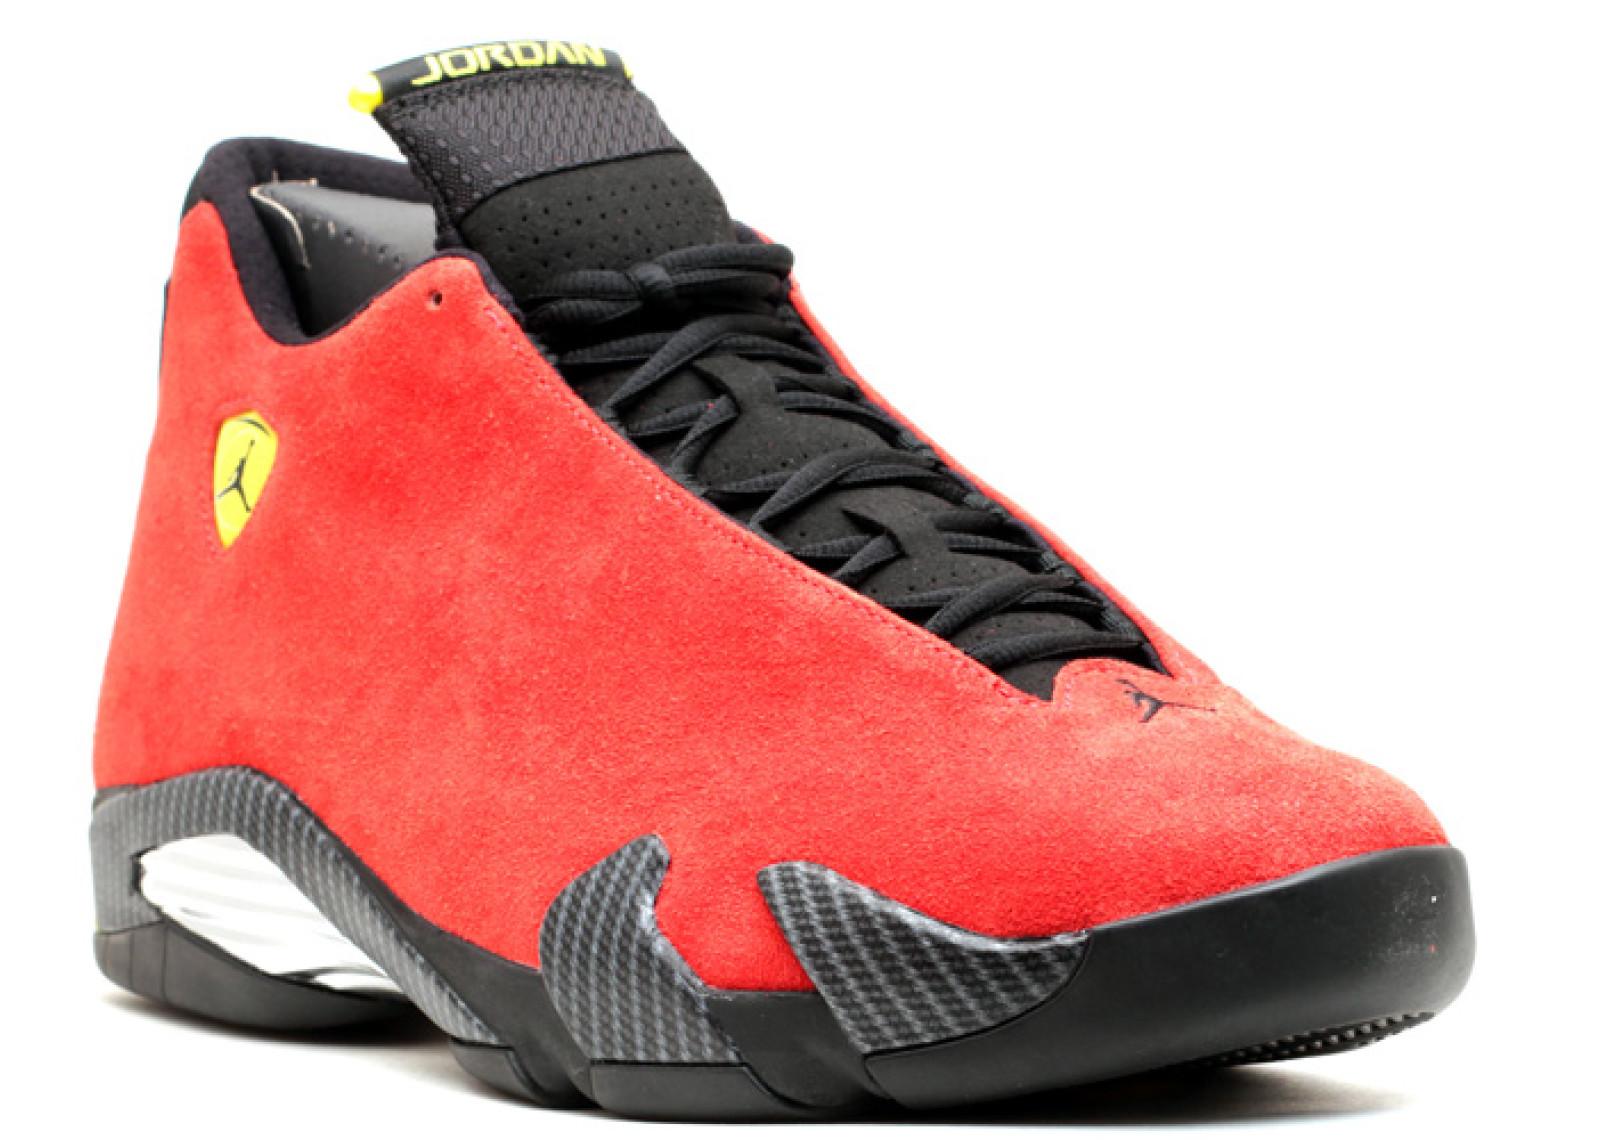 ae29225d0 Air Jordan - Men - Air Jordan 14 Retro  Ferrari  - 654459-670 - Size 13